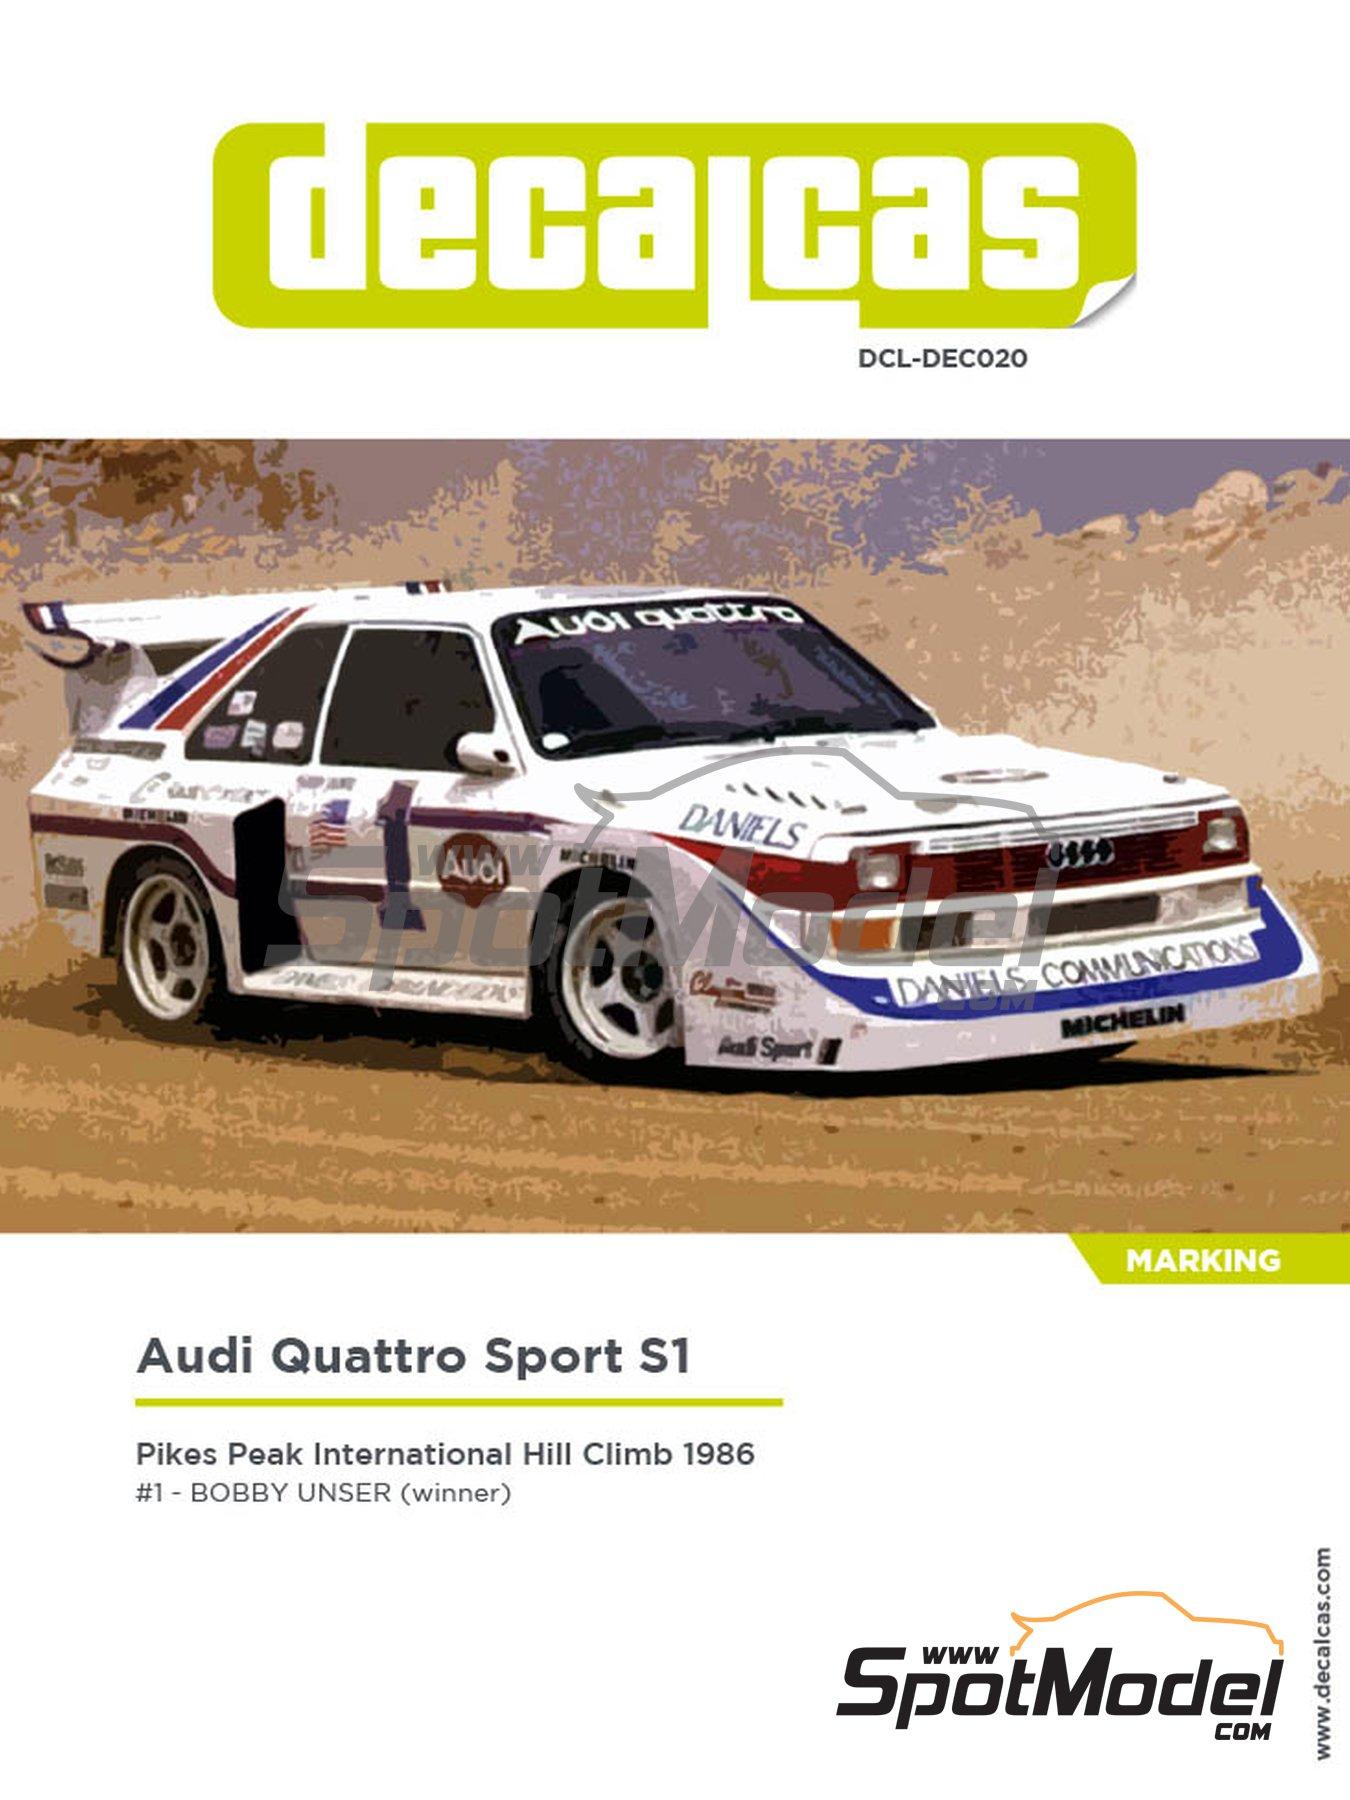 Audi Quattro Sport S1 - Pikes Peak Climb Hill Race 1986 | Decoración en escala1/24 fabricado por Decalcas (ref.DCL-DEC020) image